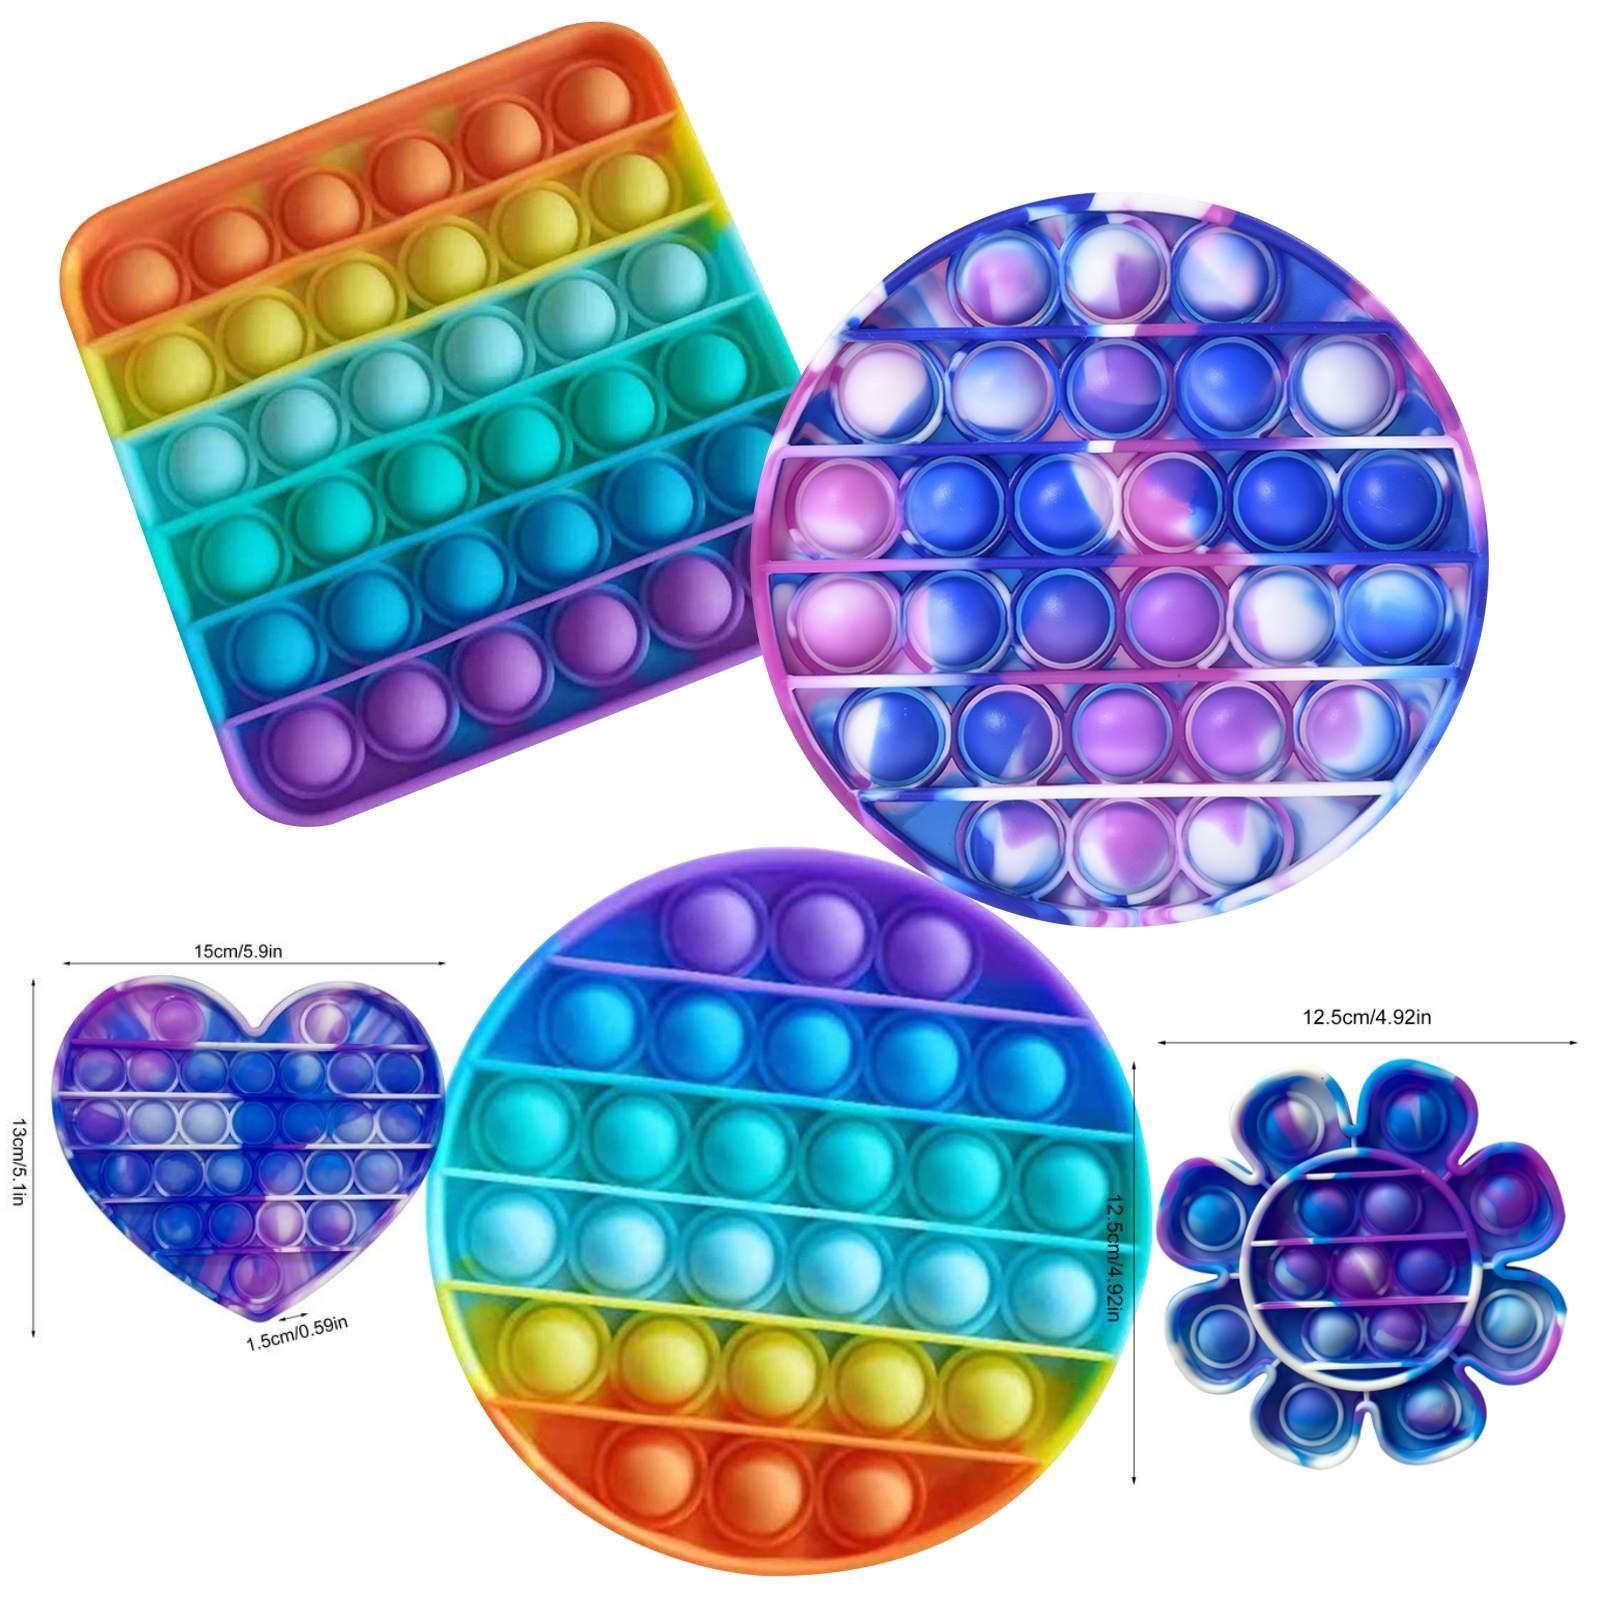 Флуоресцентный толчок пузырьки Fidget игрушки IT AUTISM Особый нужд Стресс Reverever помогает снять стресс Увеличение фокусировки Мягкие сжатия игрушки DHL DHL